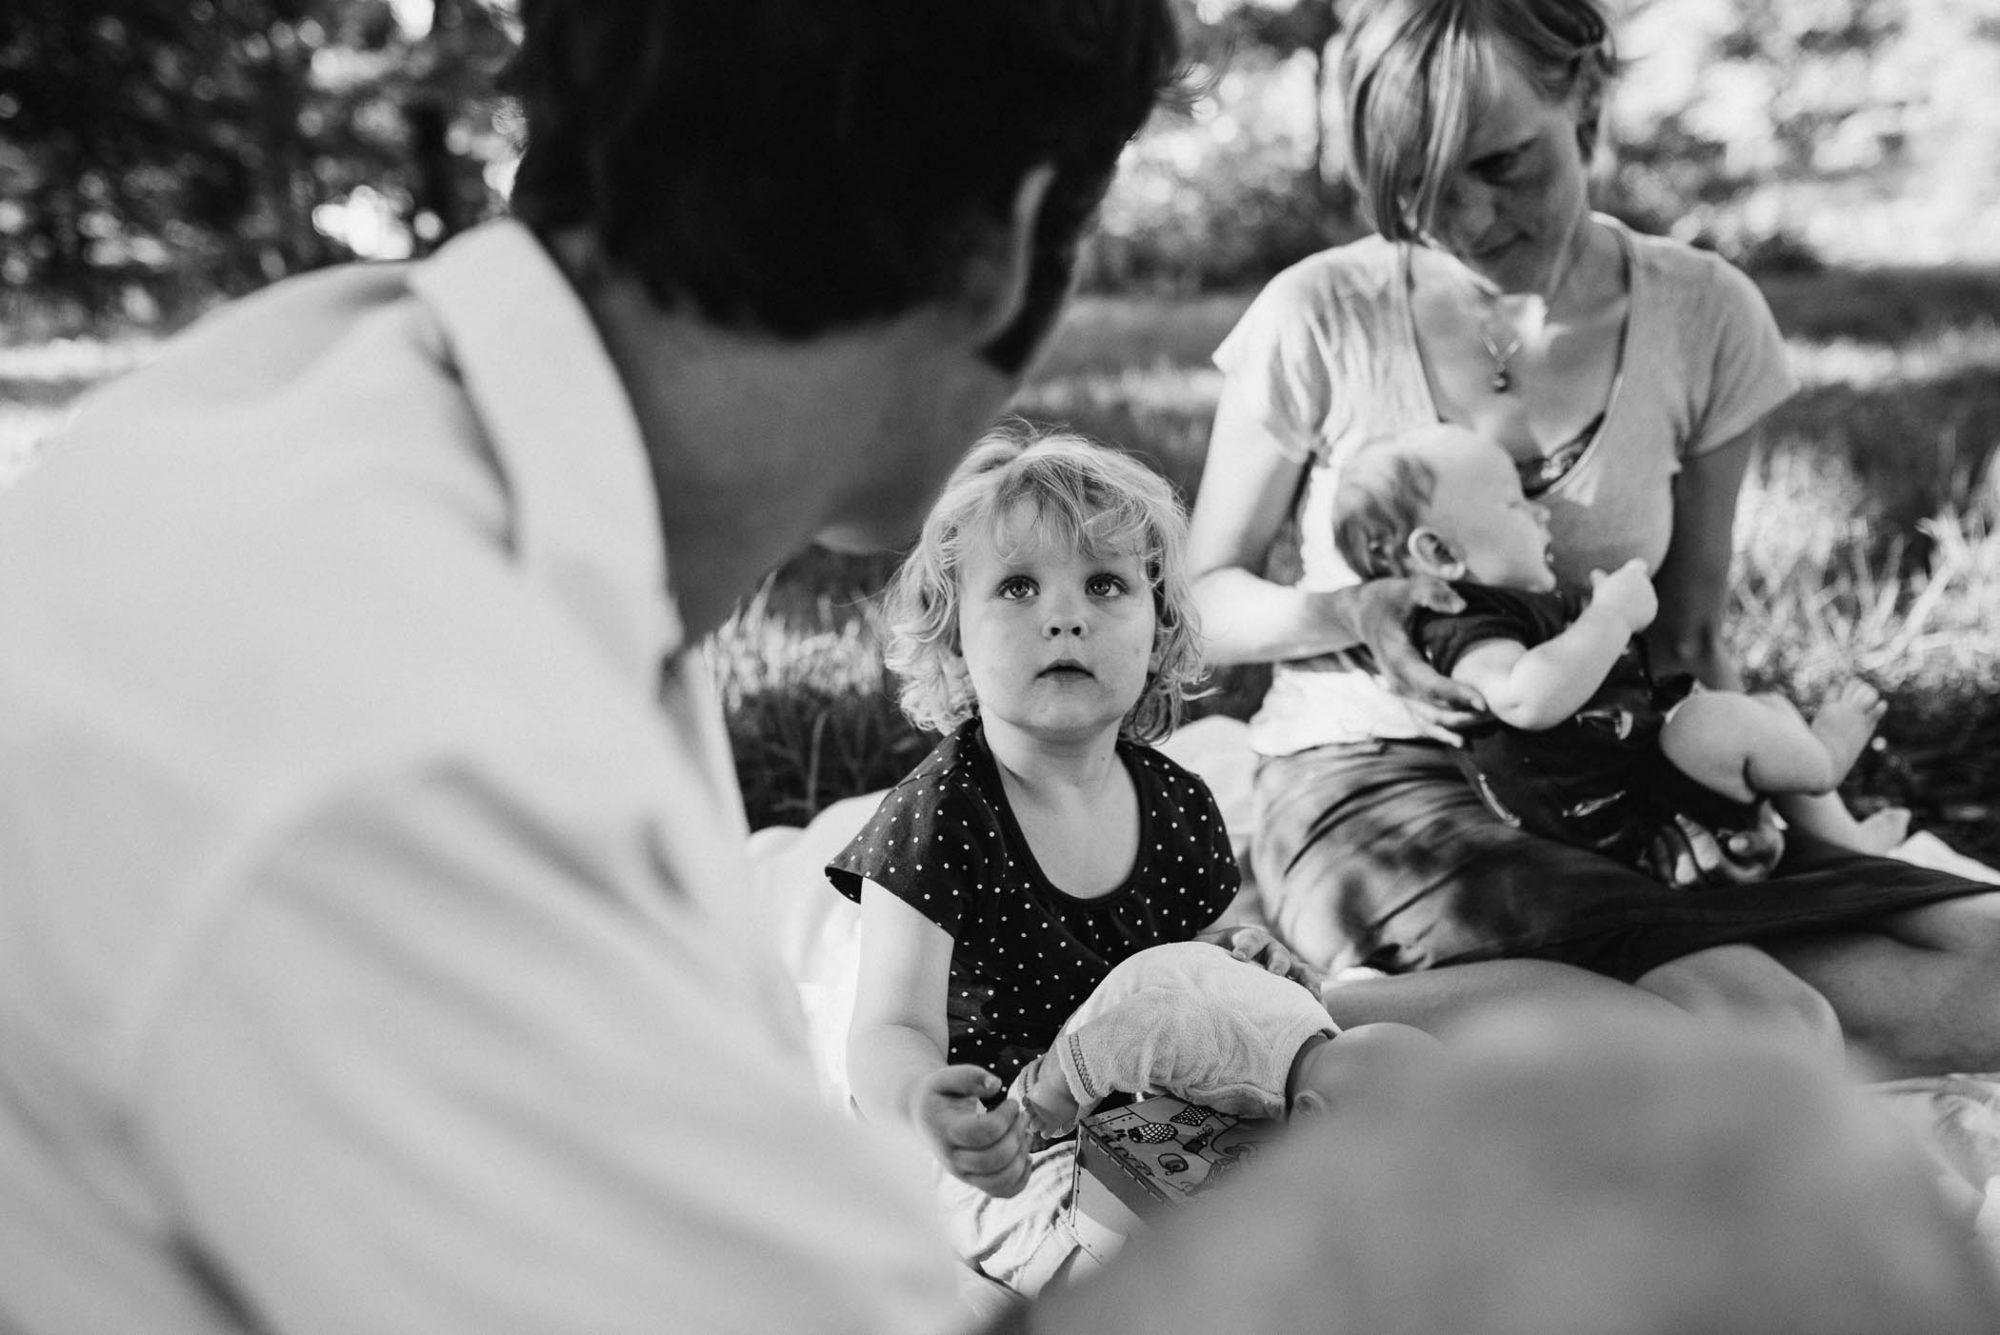 fotograaf gezin outdoor spontaan